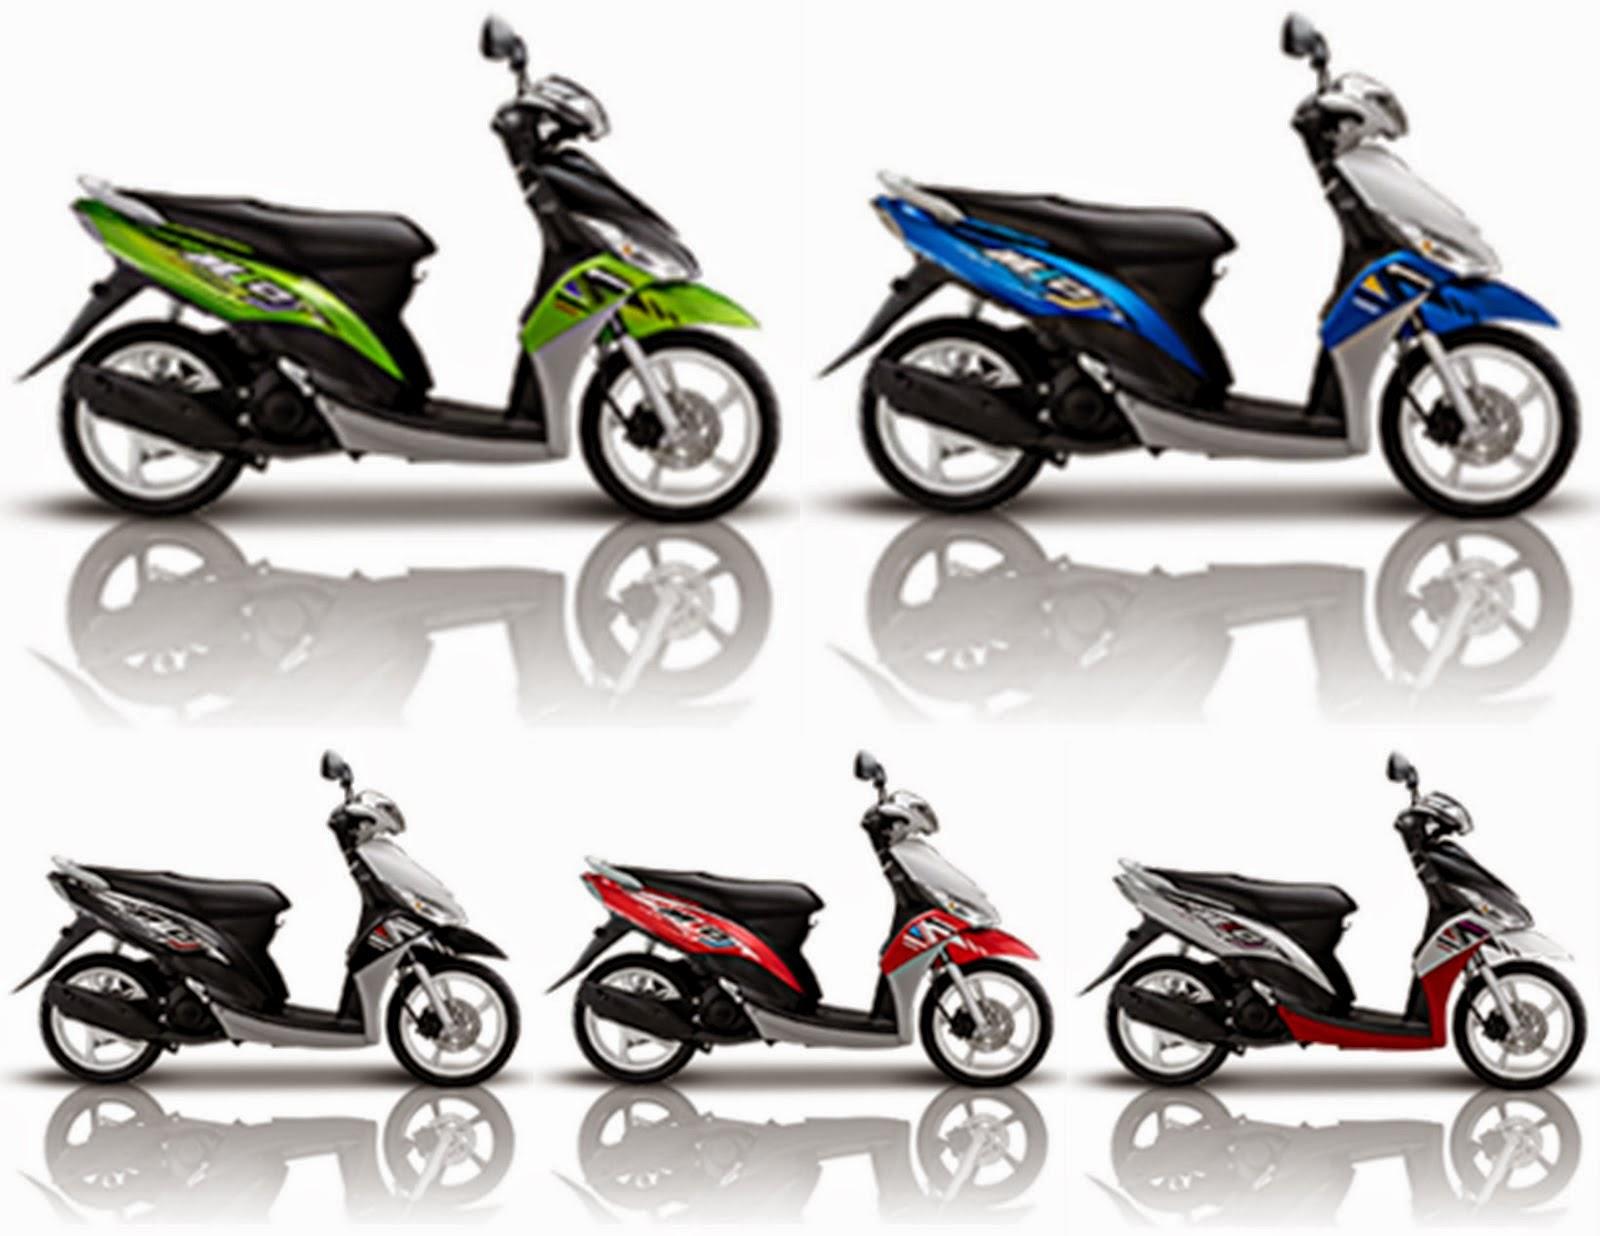 Pusat Rental Motor Murah di Semarang, Rental Motor, Rental Motor Semarang, Sewa Motor, Sewa Motor Semarang, Rental Motor Murah Semarang, Sewa Motor Murah Semarang,